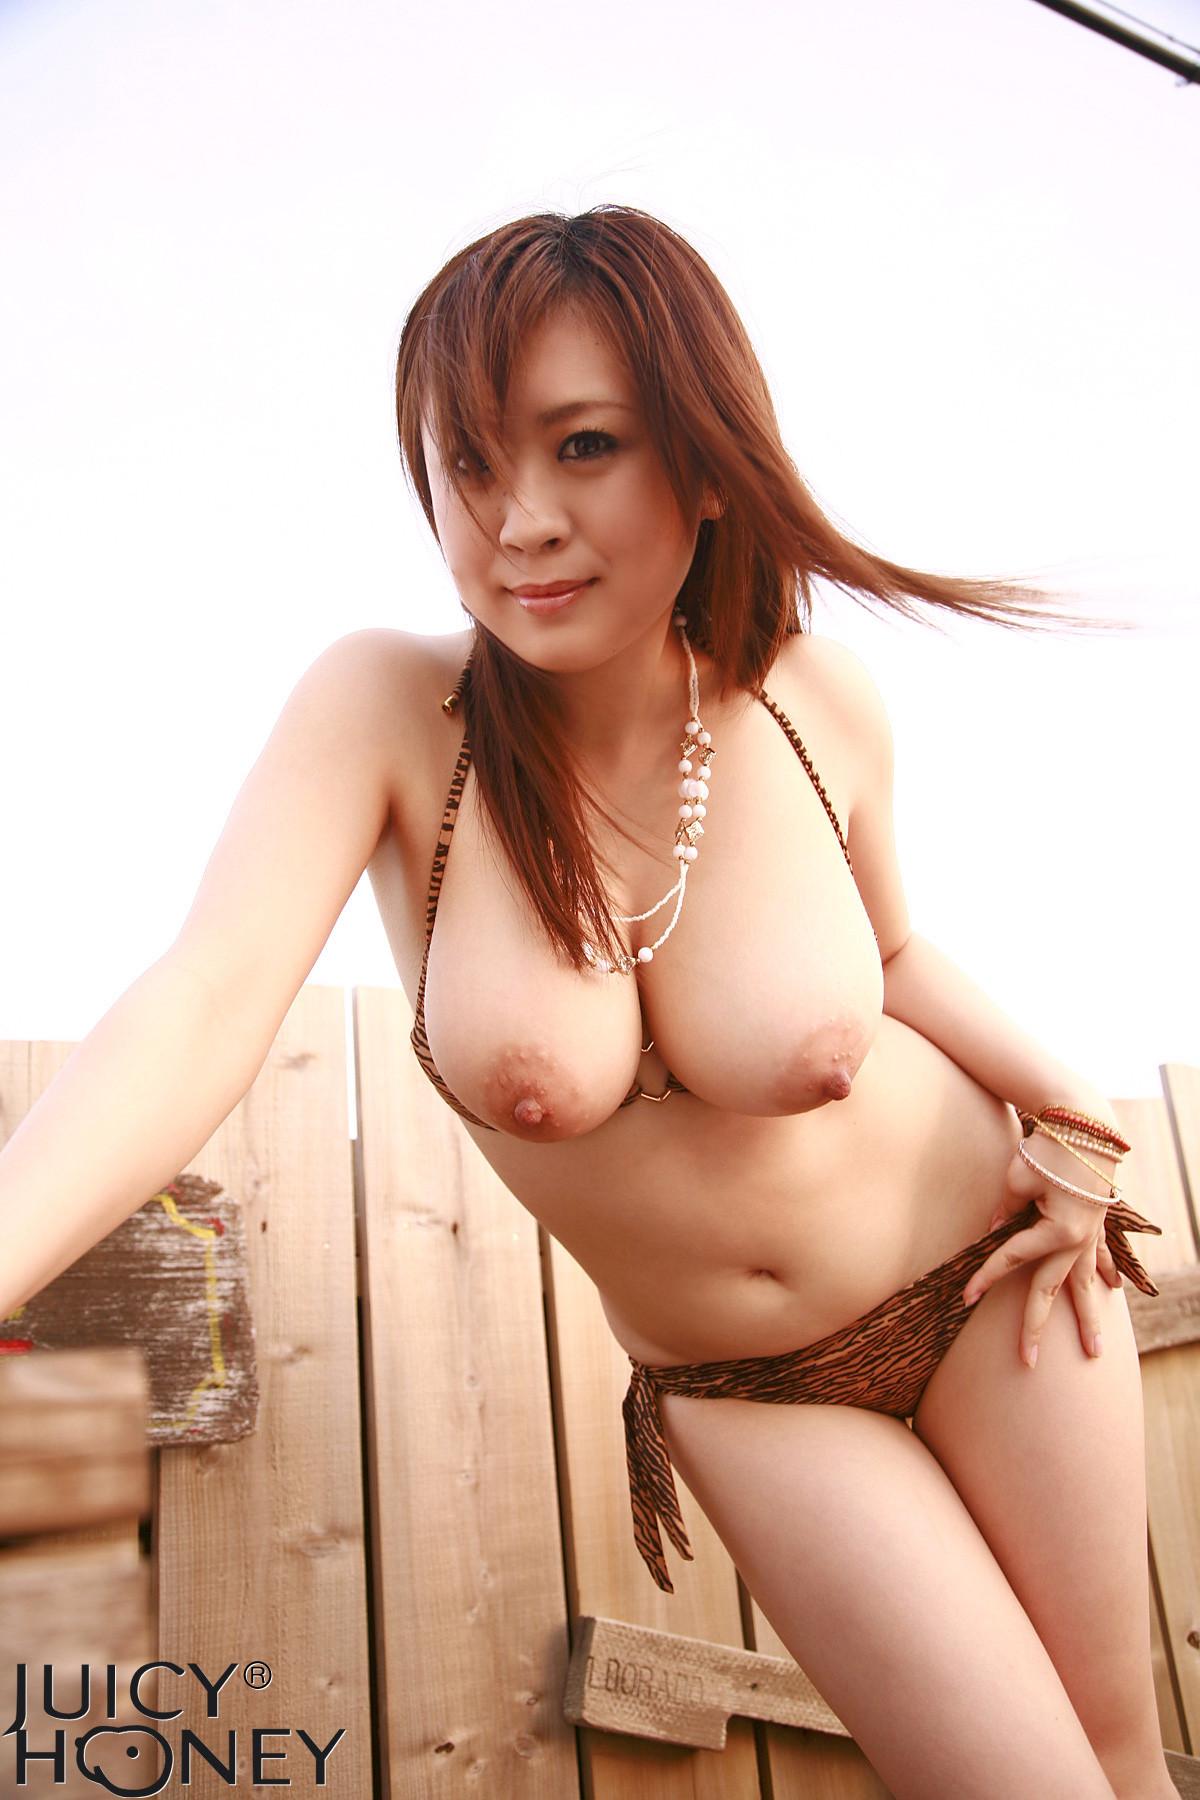 [X-City] Juicy Honey No.046 Nana Aoyama 青山菜々 087